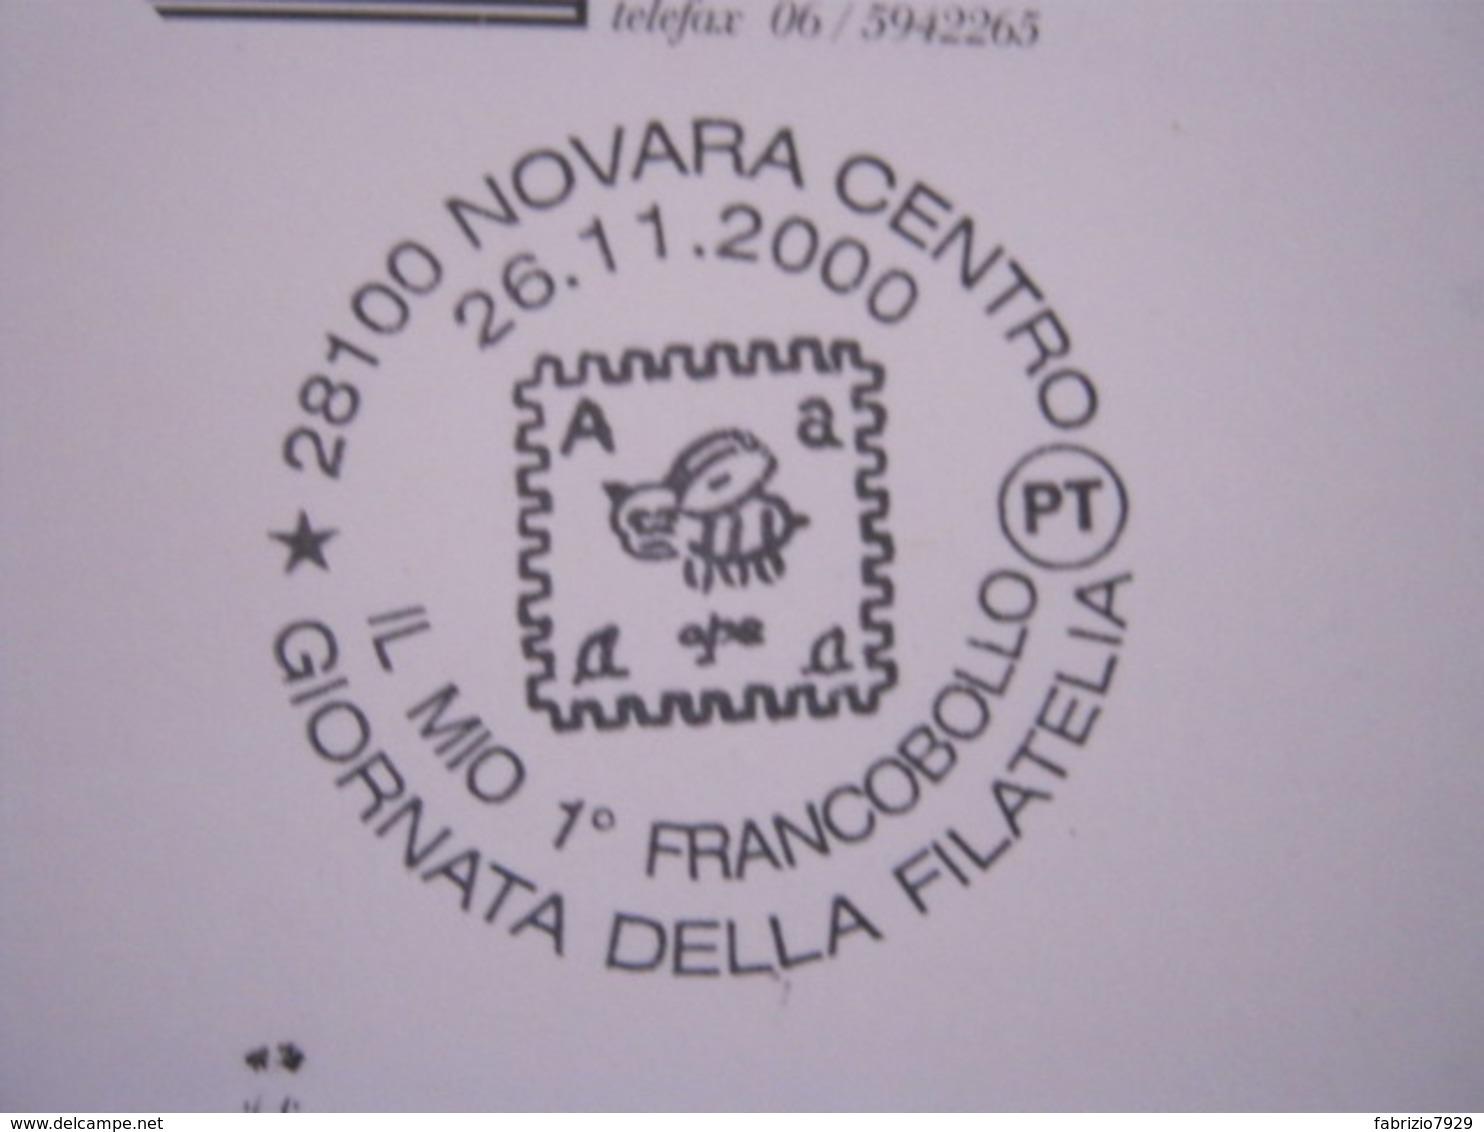 A.13 ITALIA ANNULLO 2000 NOVARA GIORNATA FILATELIA MIO PRIMO FRANCOBOLLO APE API INSETTO A LETTERA ALFABETO VIAGGIATA - Api